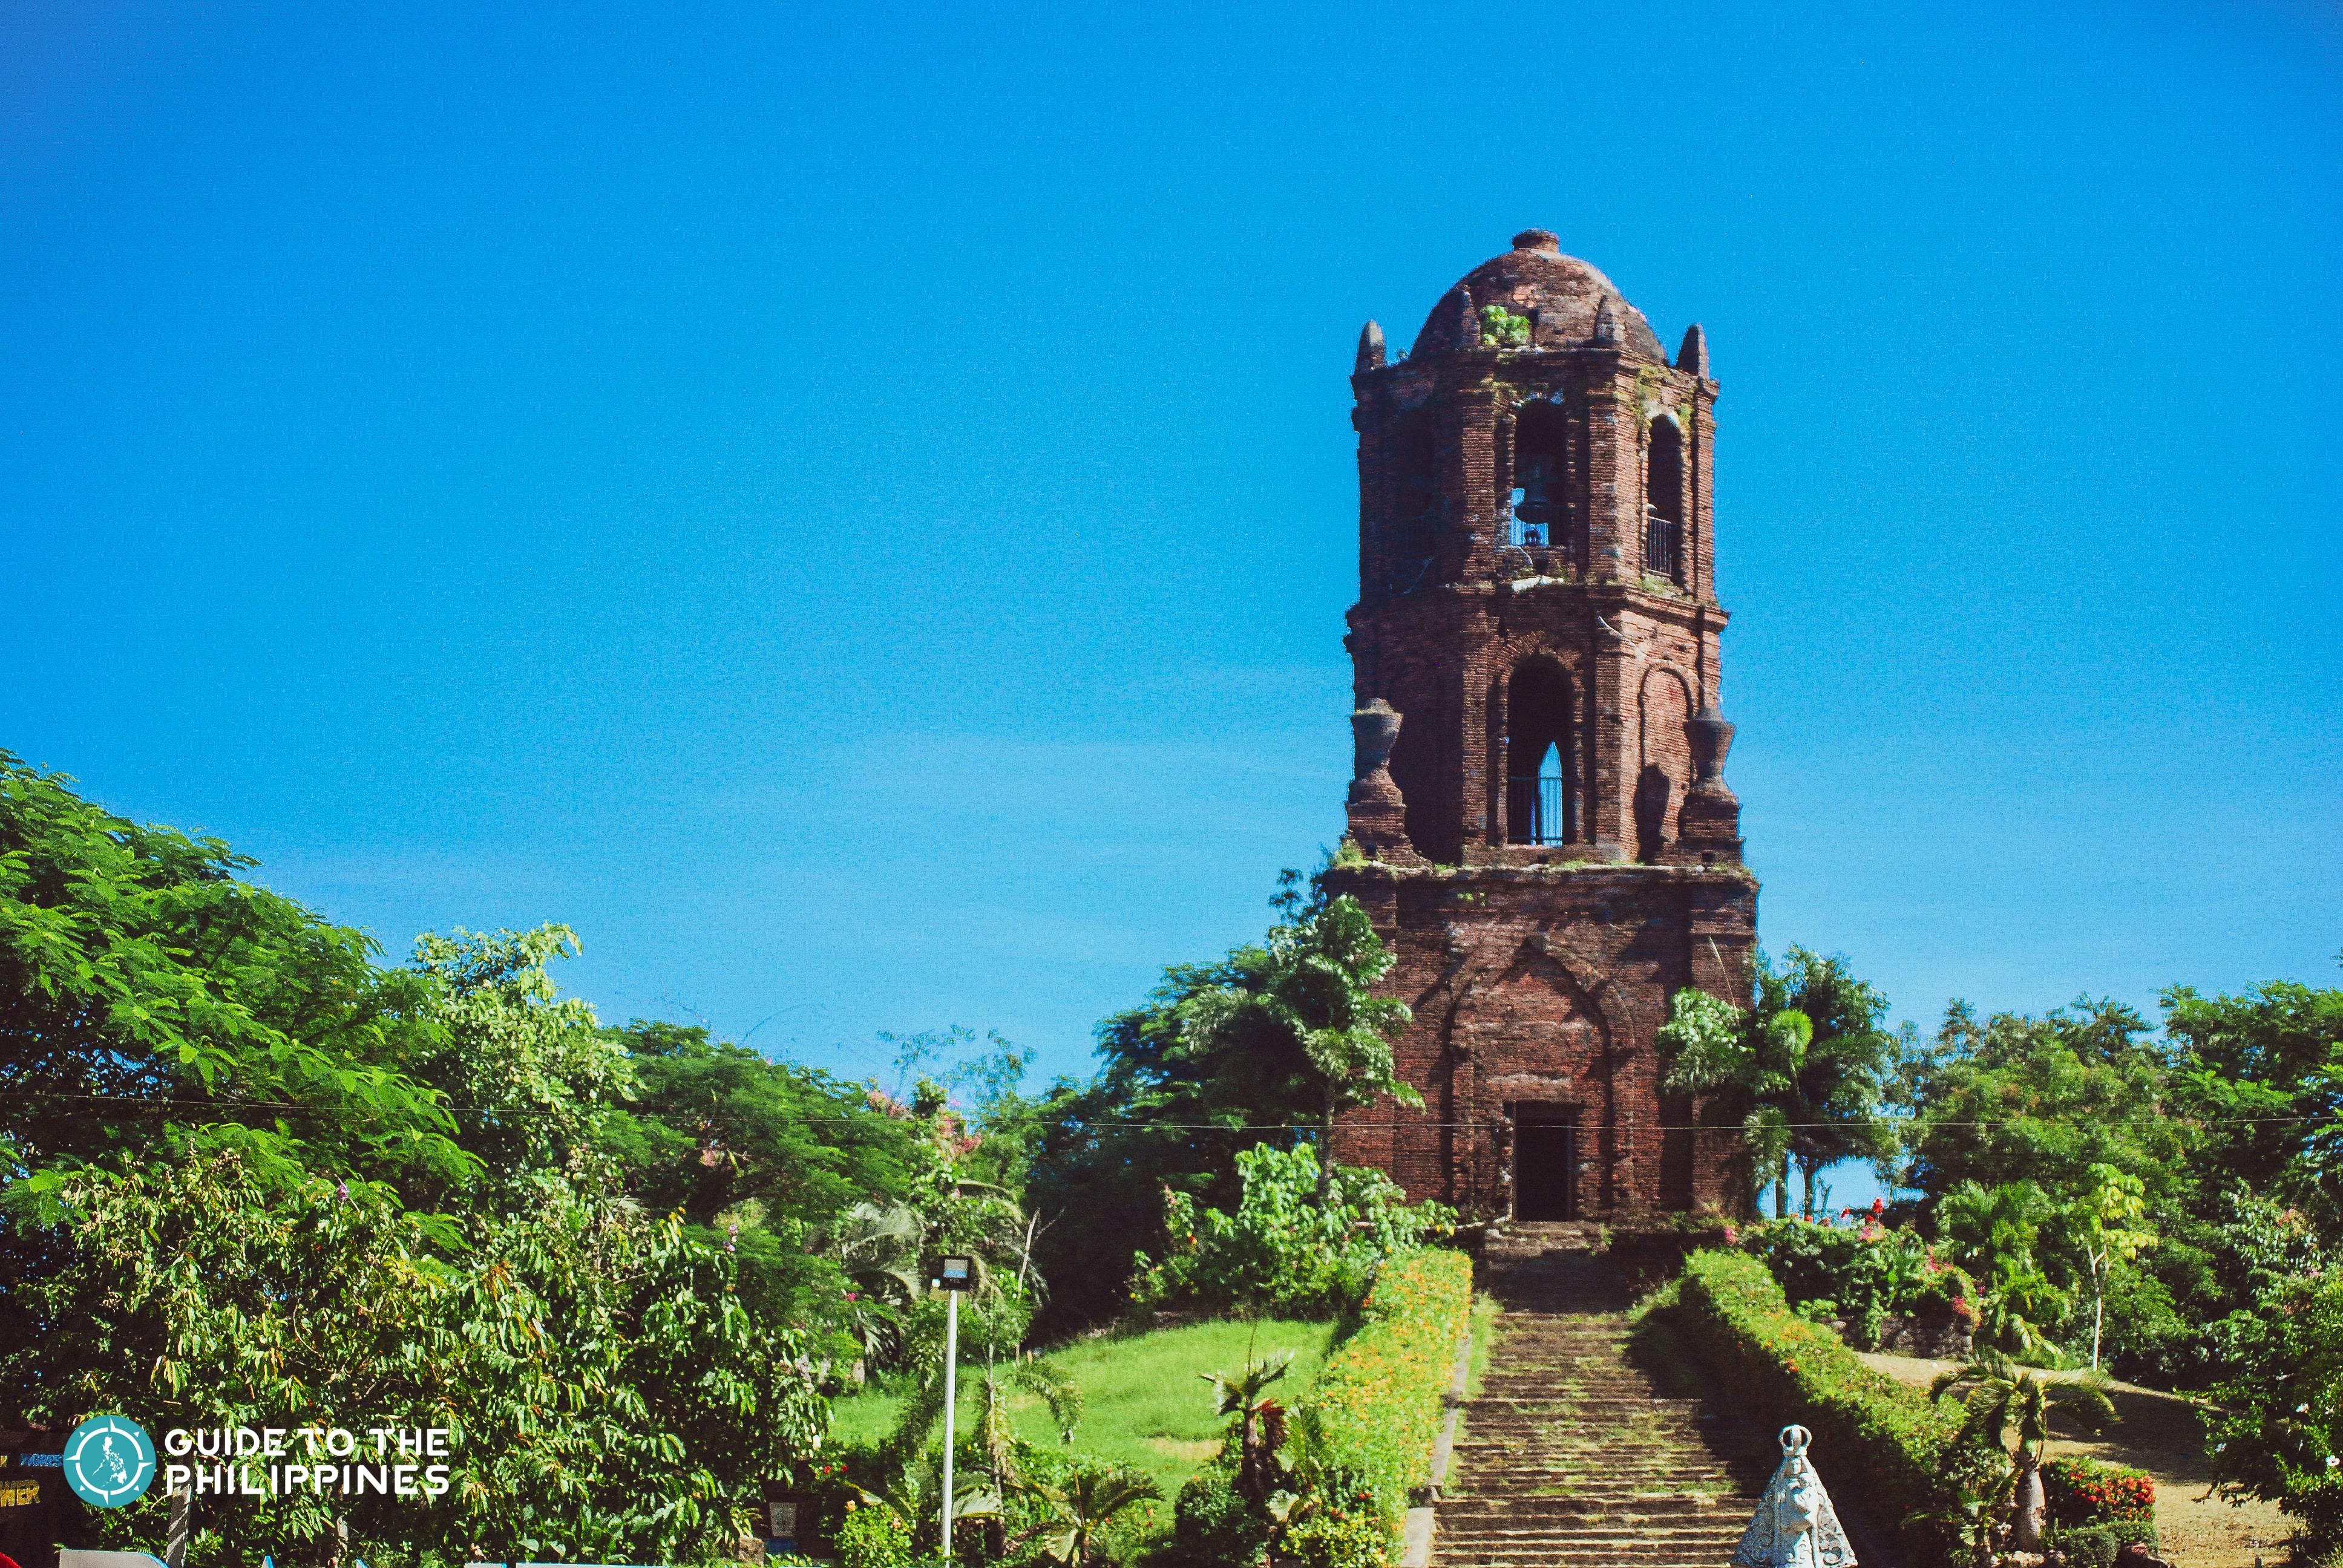 Bantay Watch Tower in Vigan, Ilocos Sur